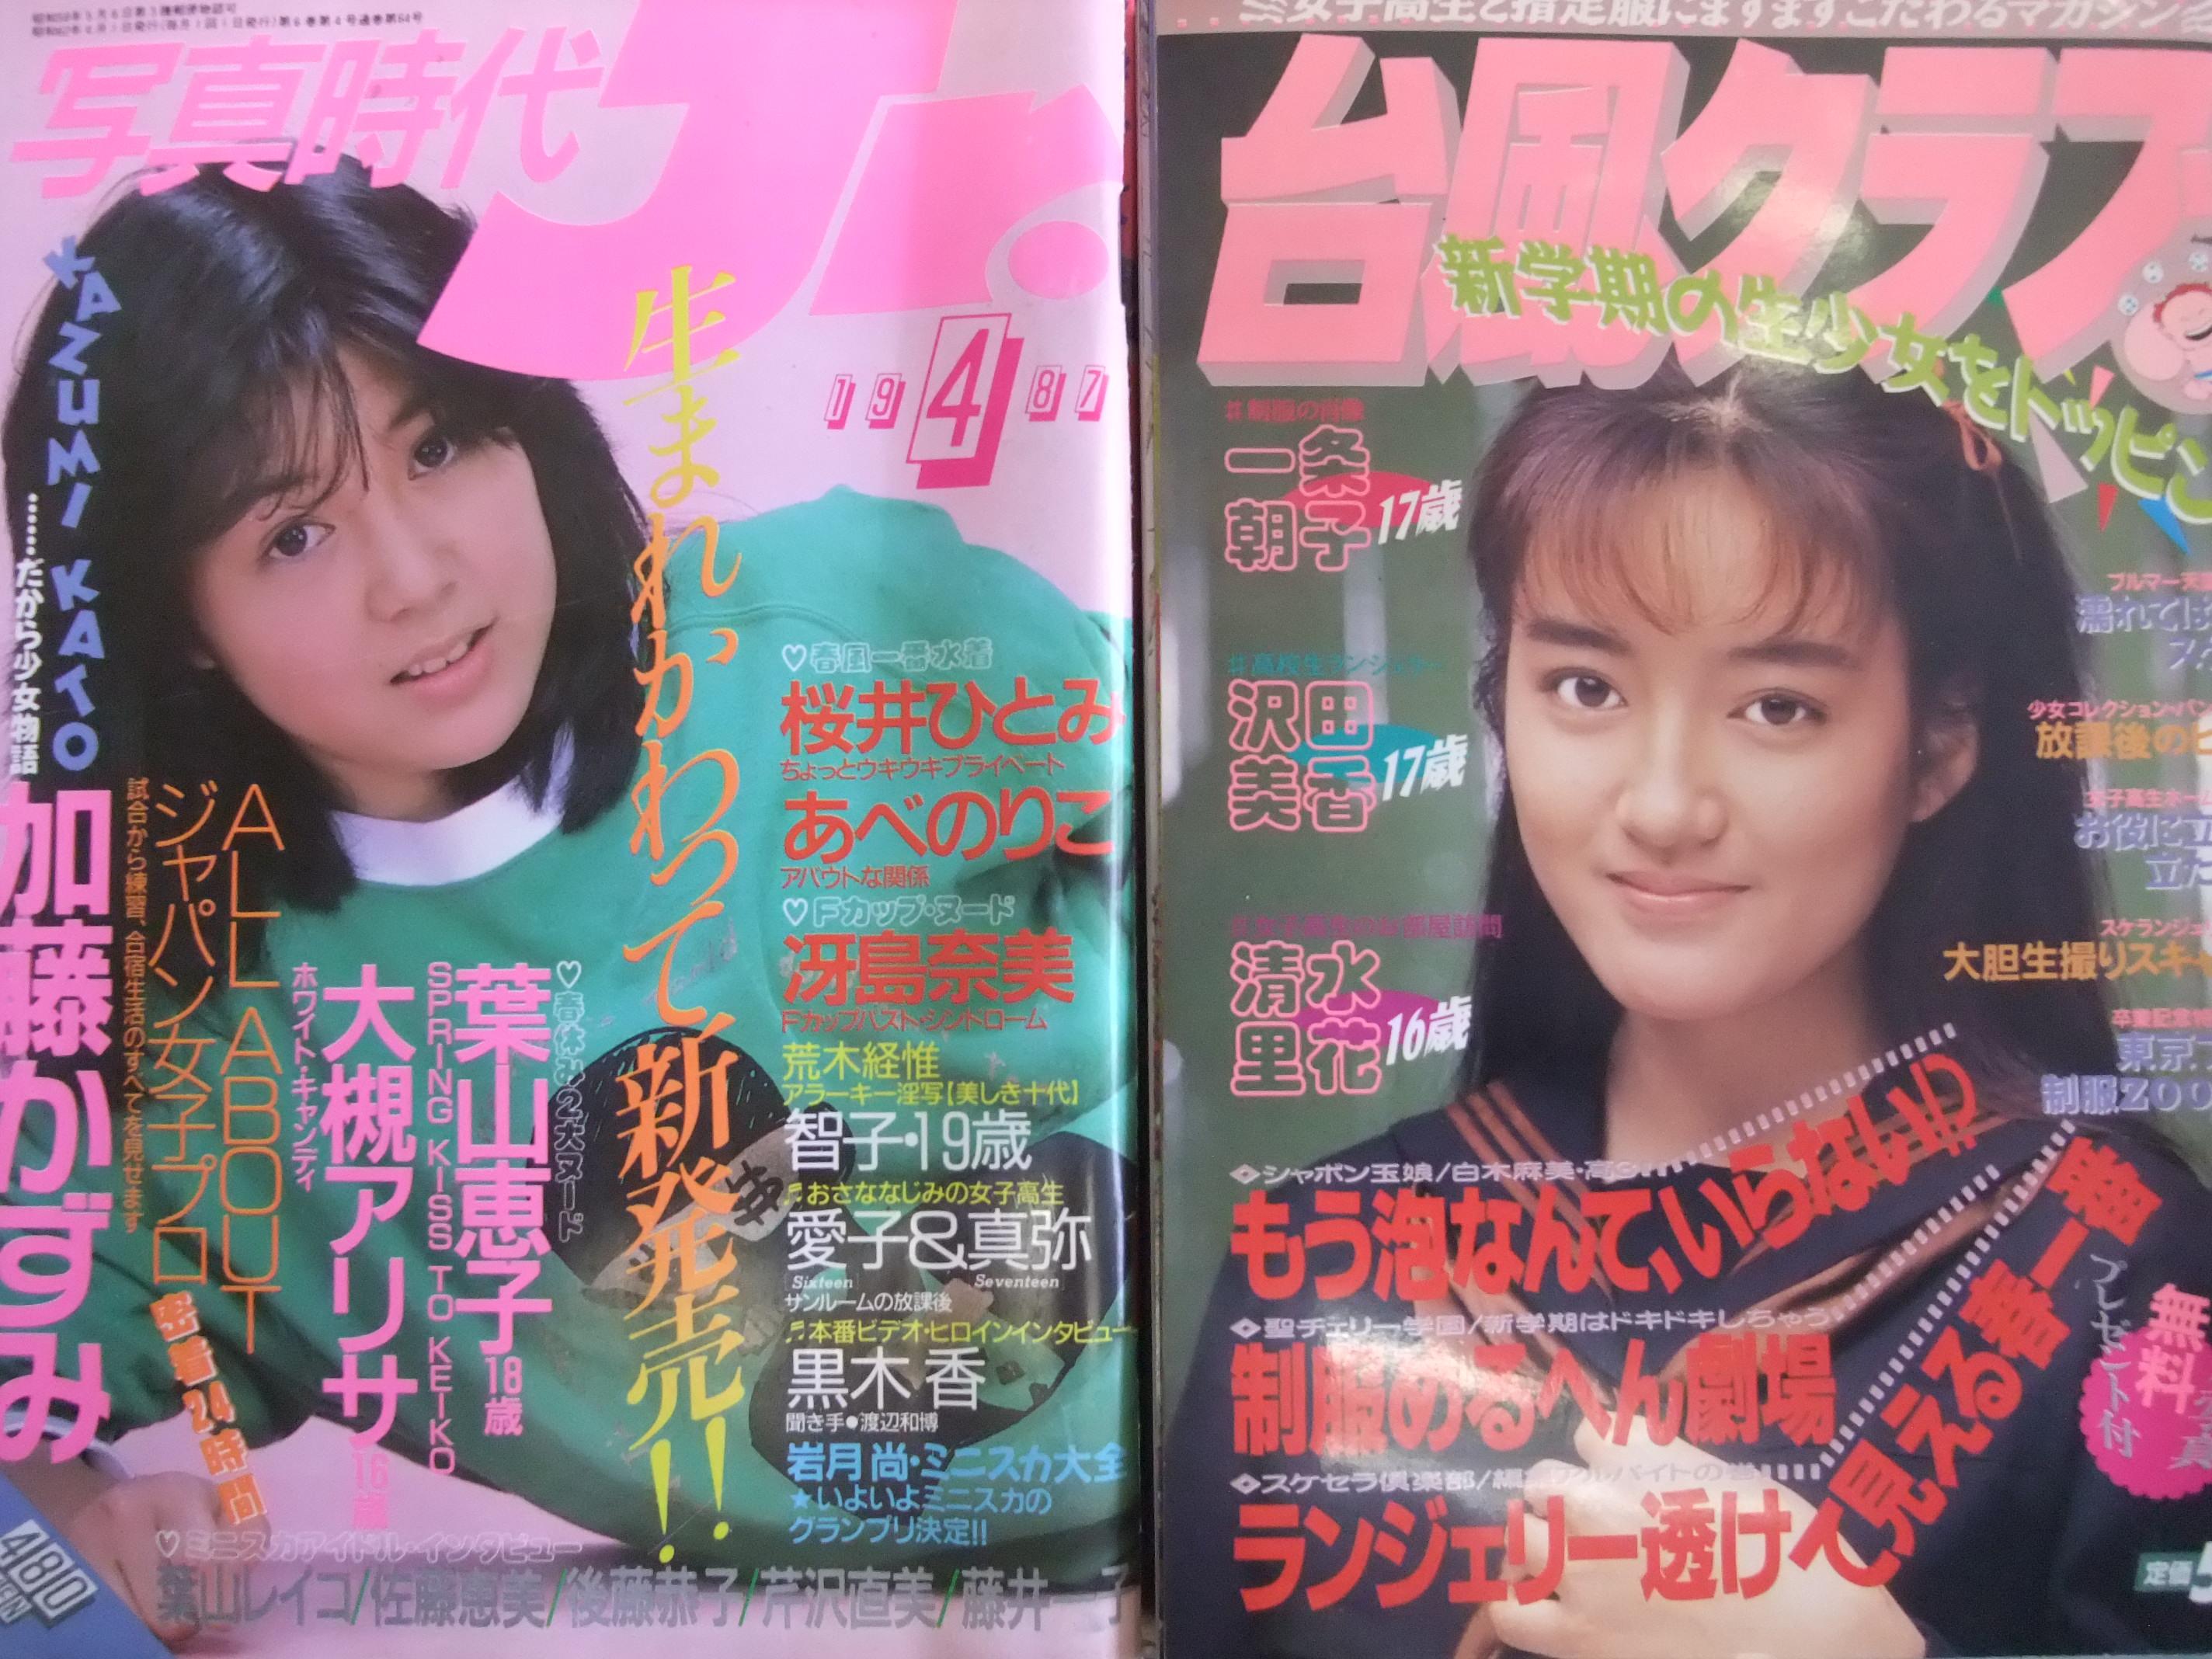 浜松市 出張買取 80年代雑誌「プチセラTYPHOON 写真時代Jr.」